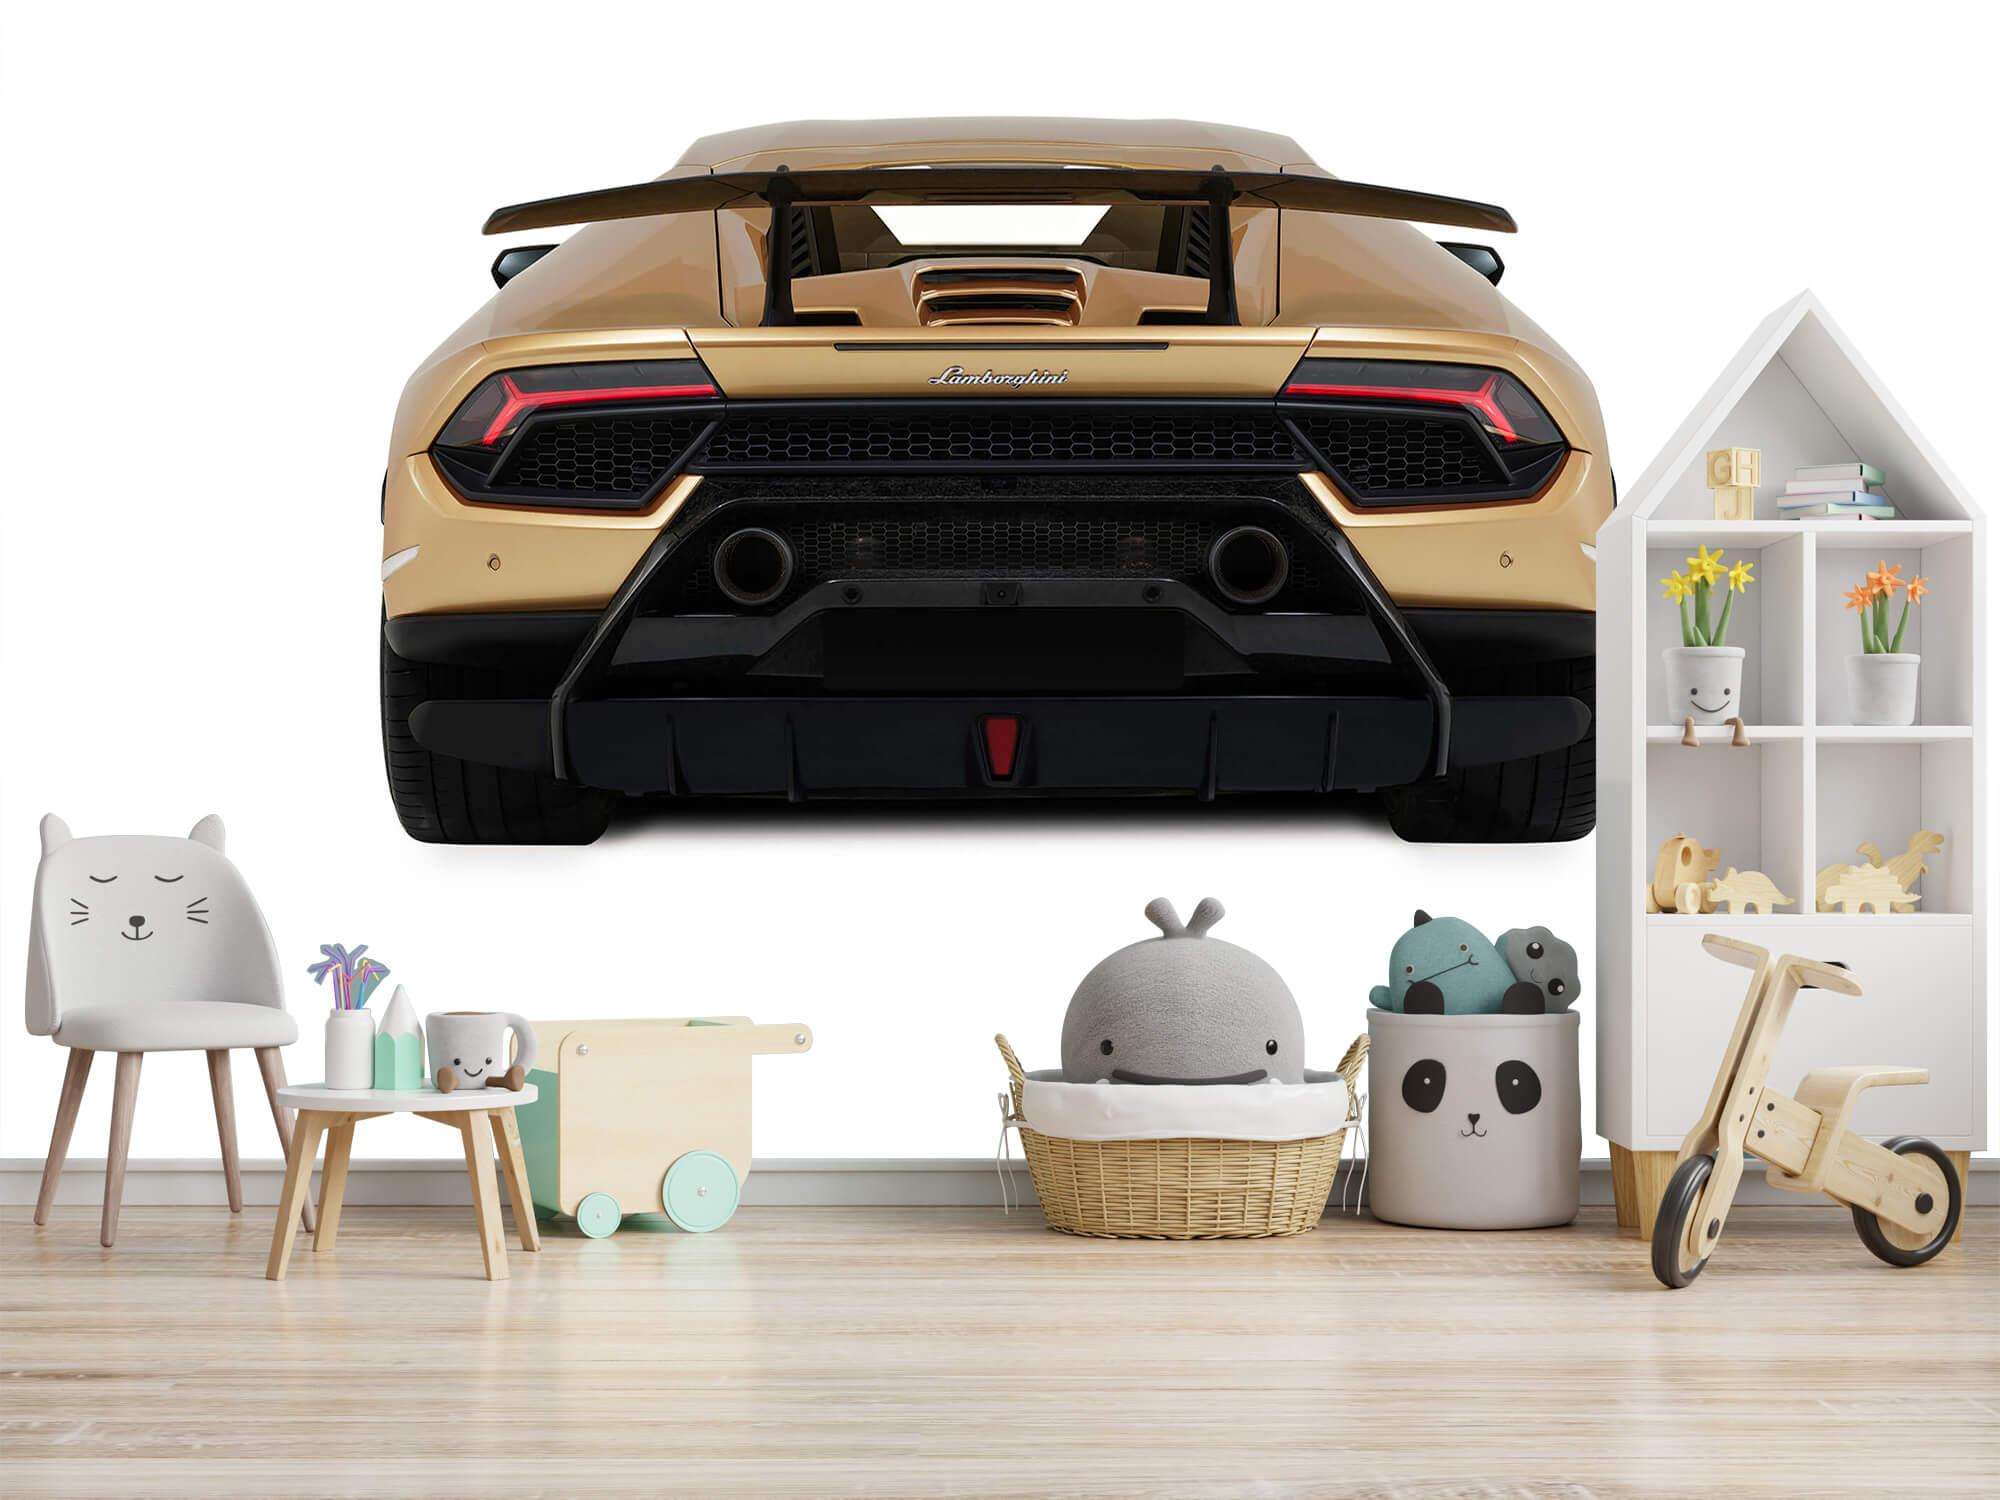 Wallpaper Lamborghini Huracán - Rear view, white 8